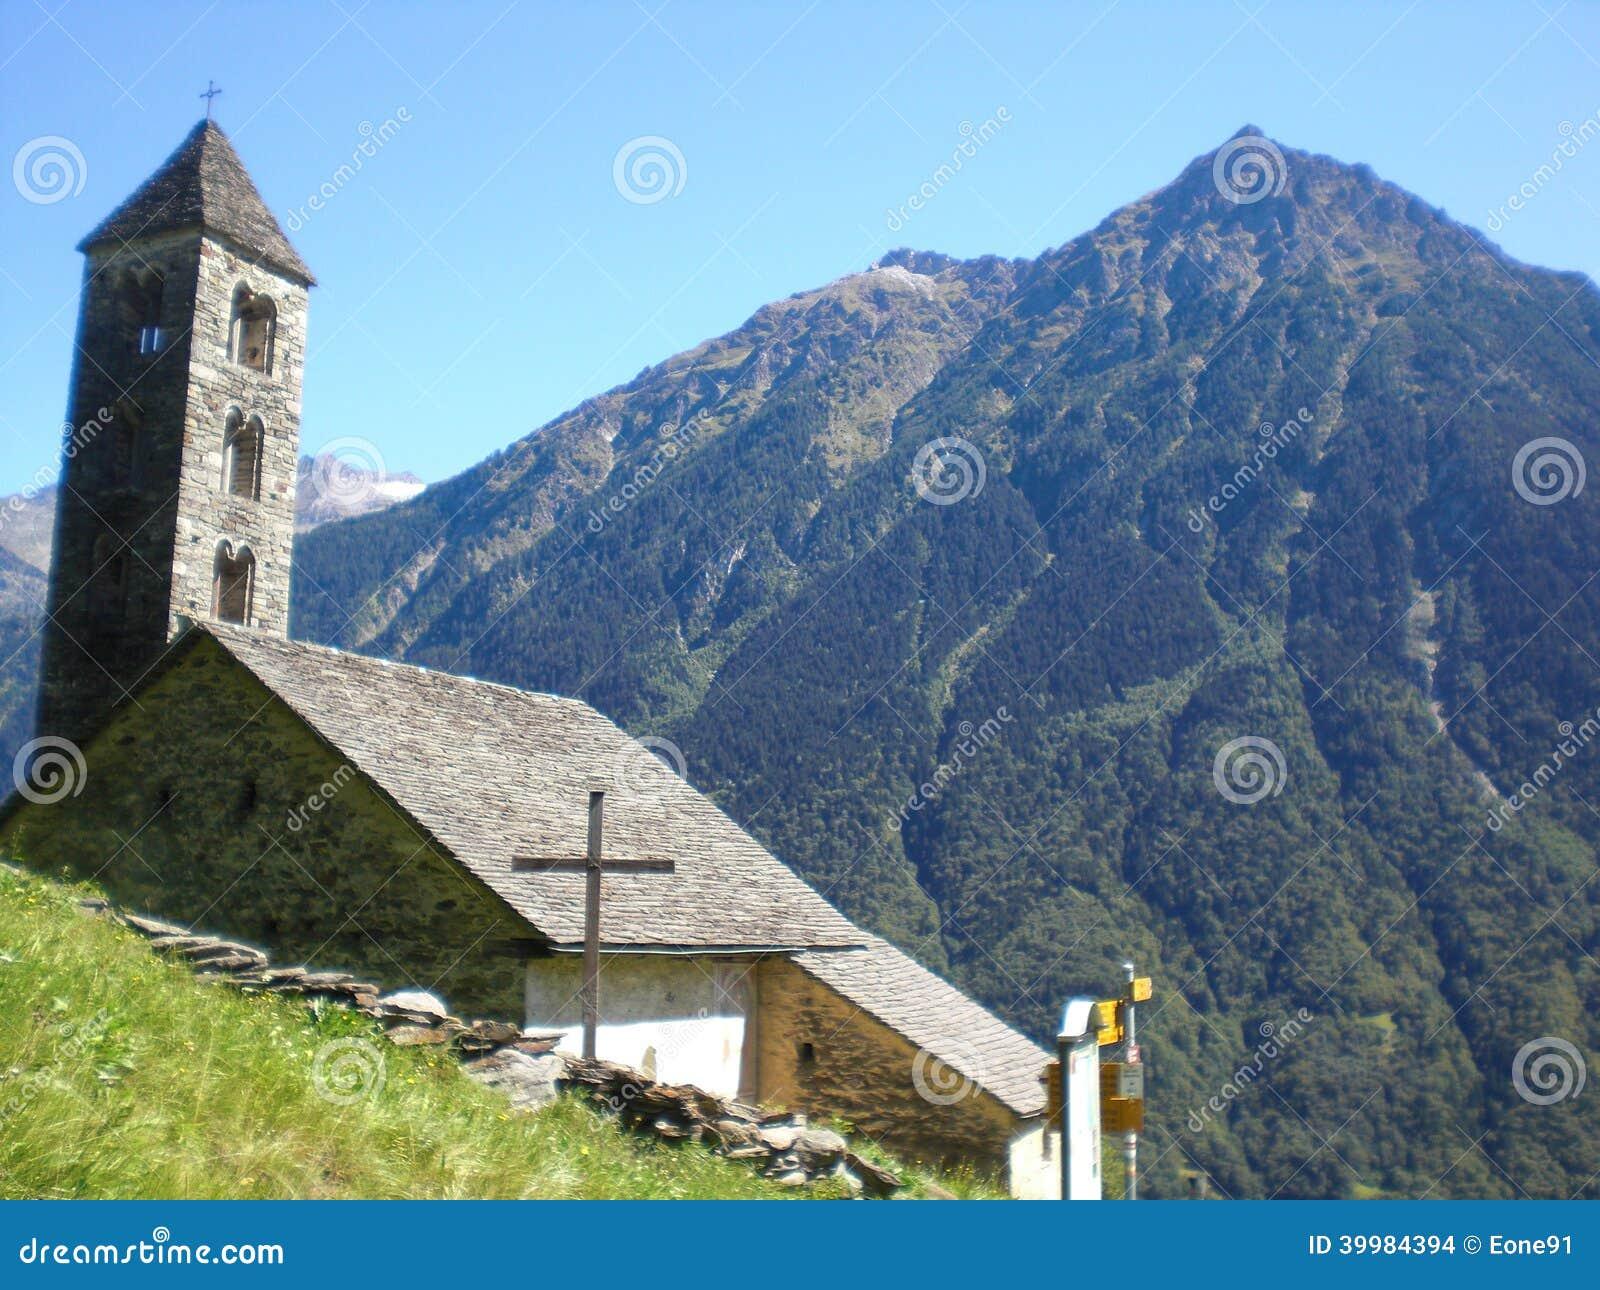 Giornico: landscape with St.Nicolaos  church